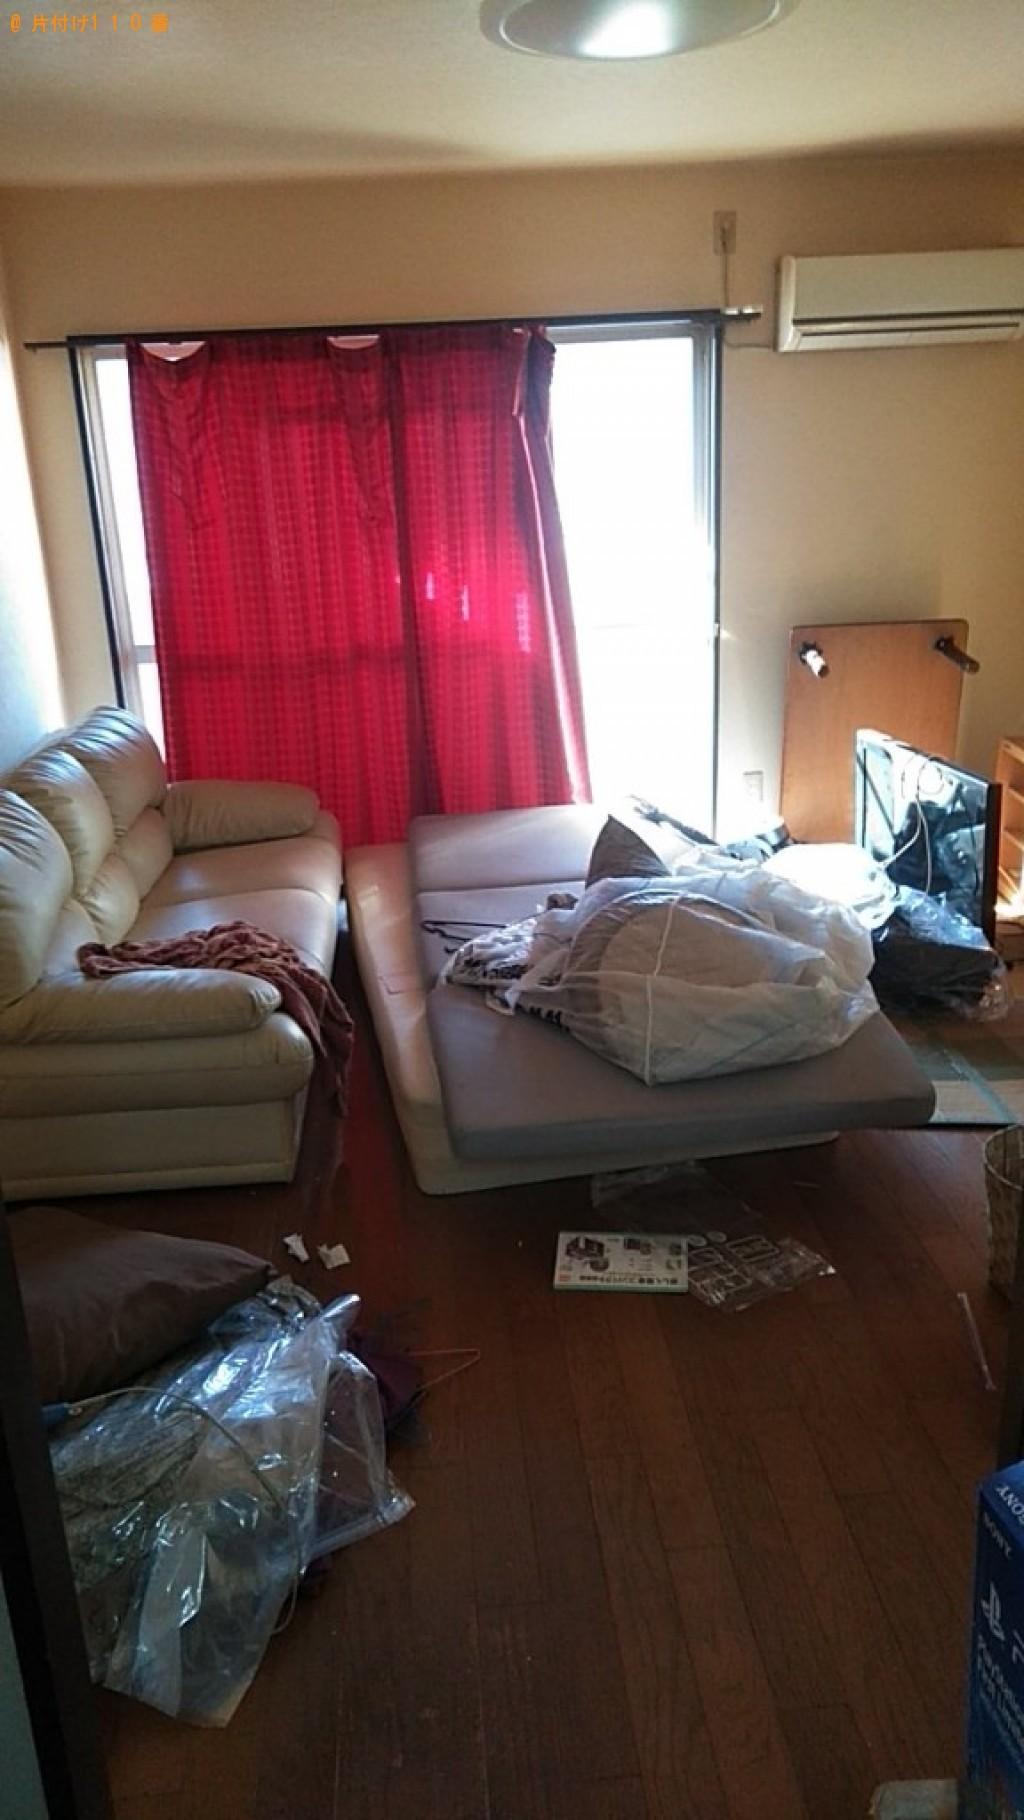 【松山市辻町】冷蔵庫、洗濯機、三人掛けソファー、一般ごみの回収